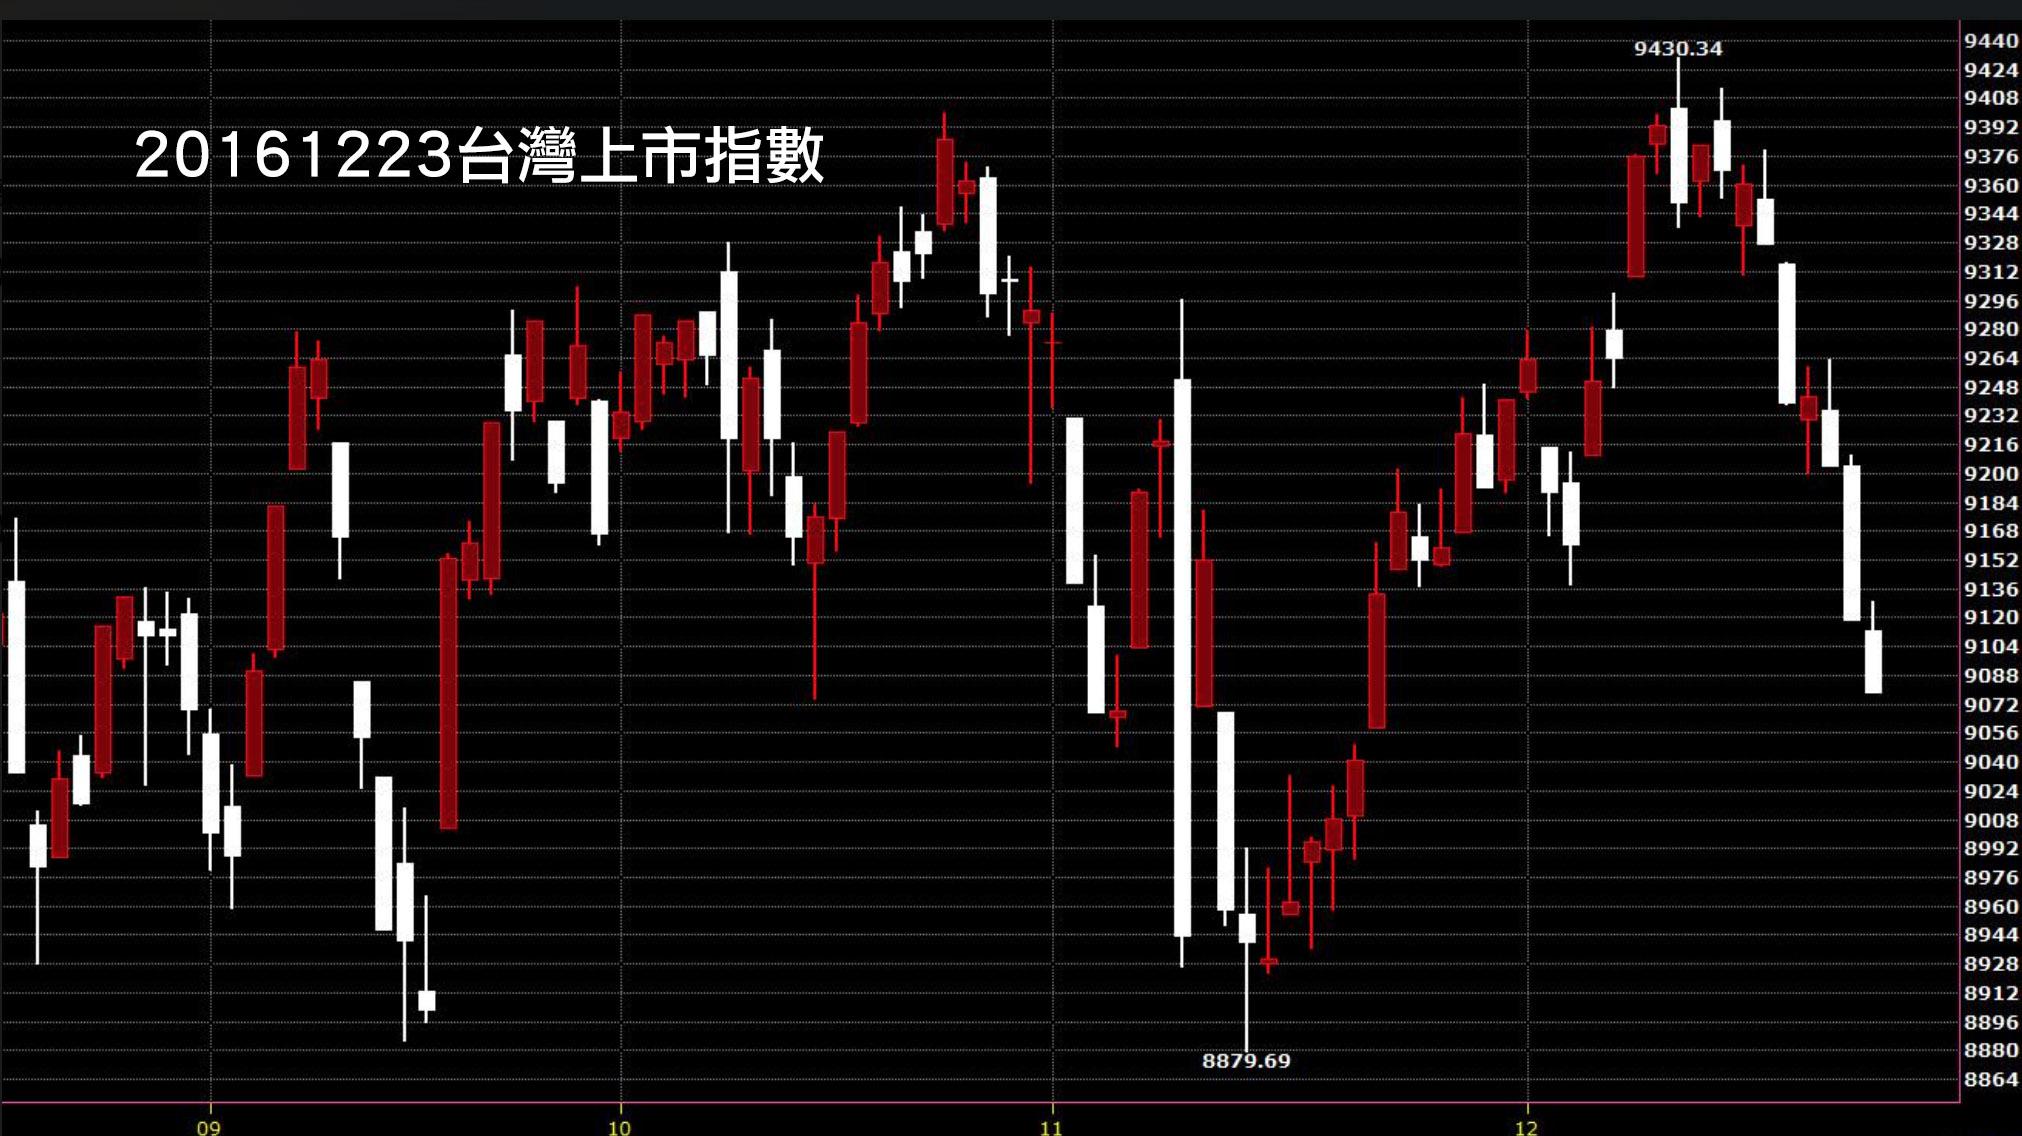 20161223台灣上市指數日K線圖股價技術分析教學